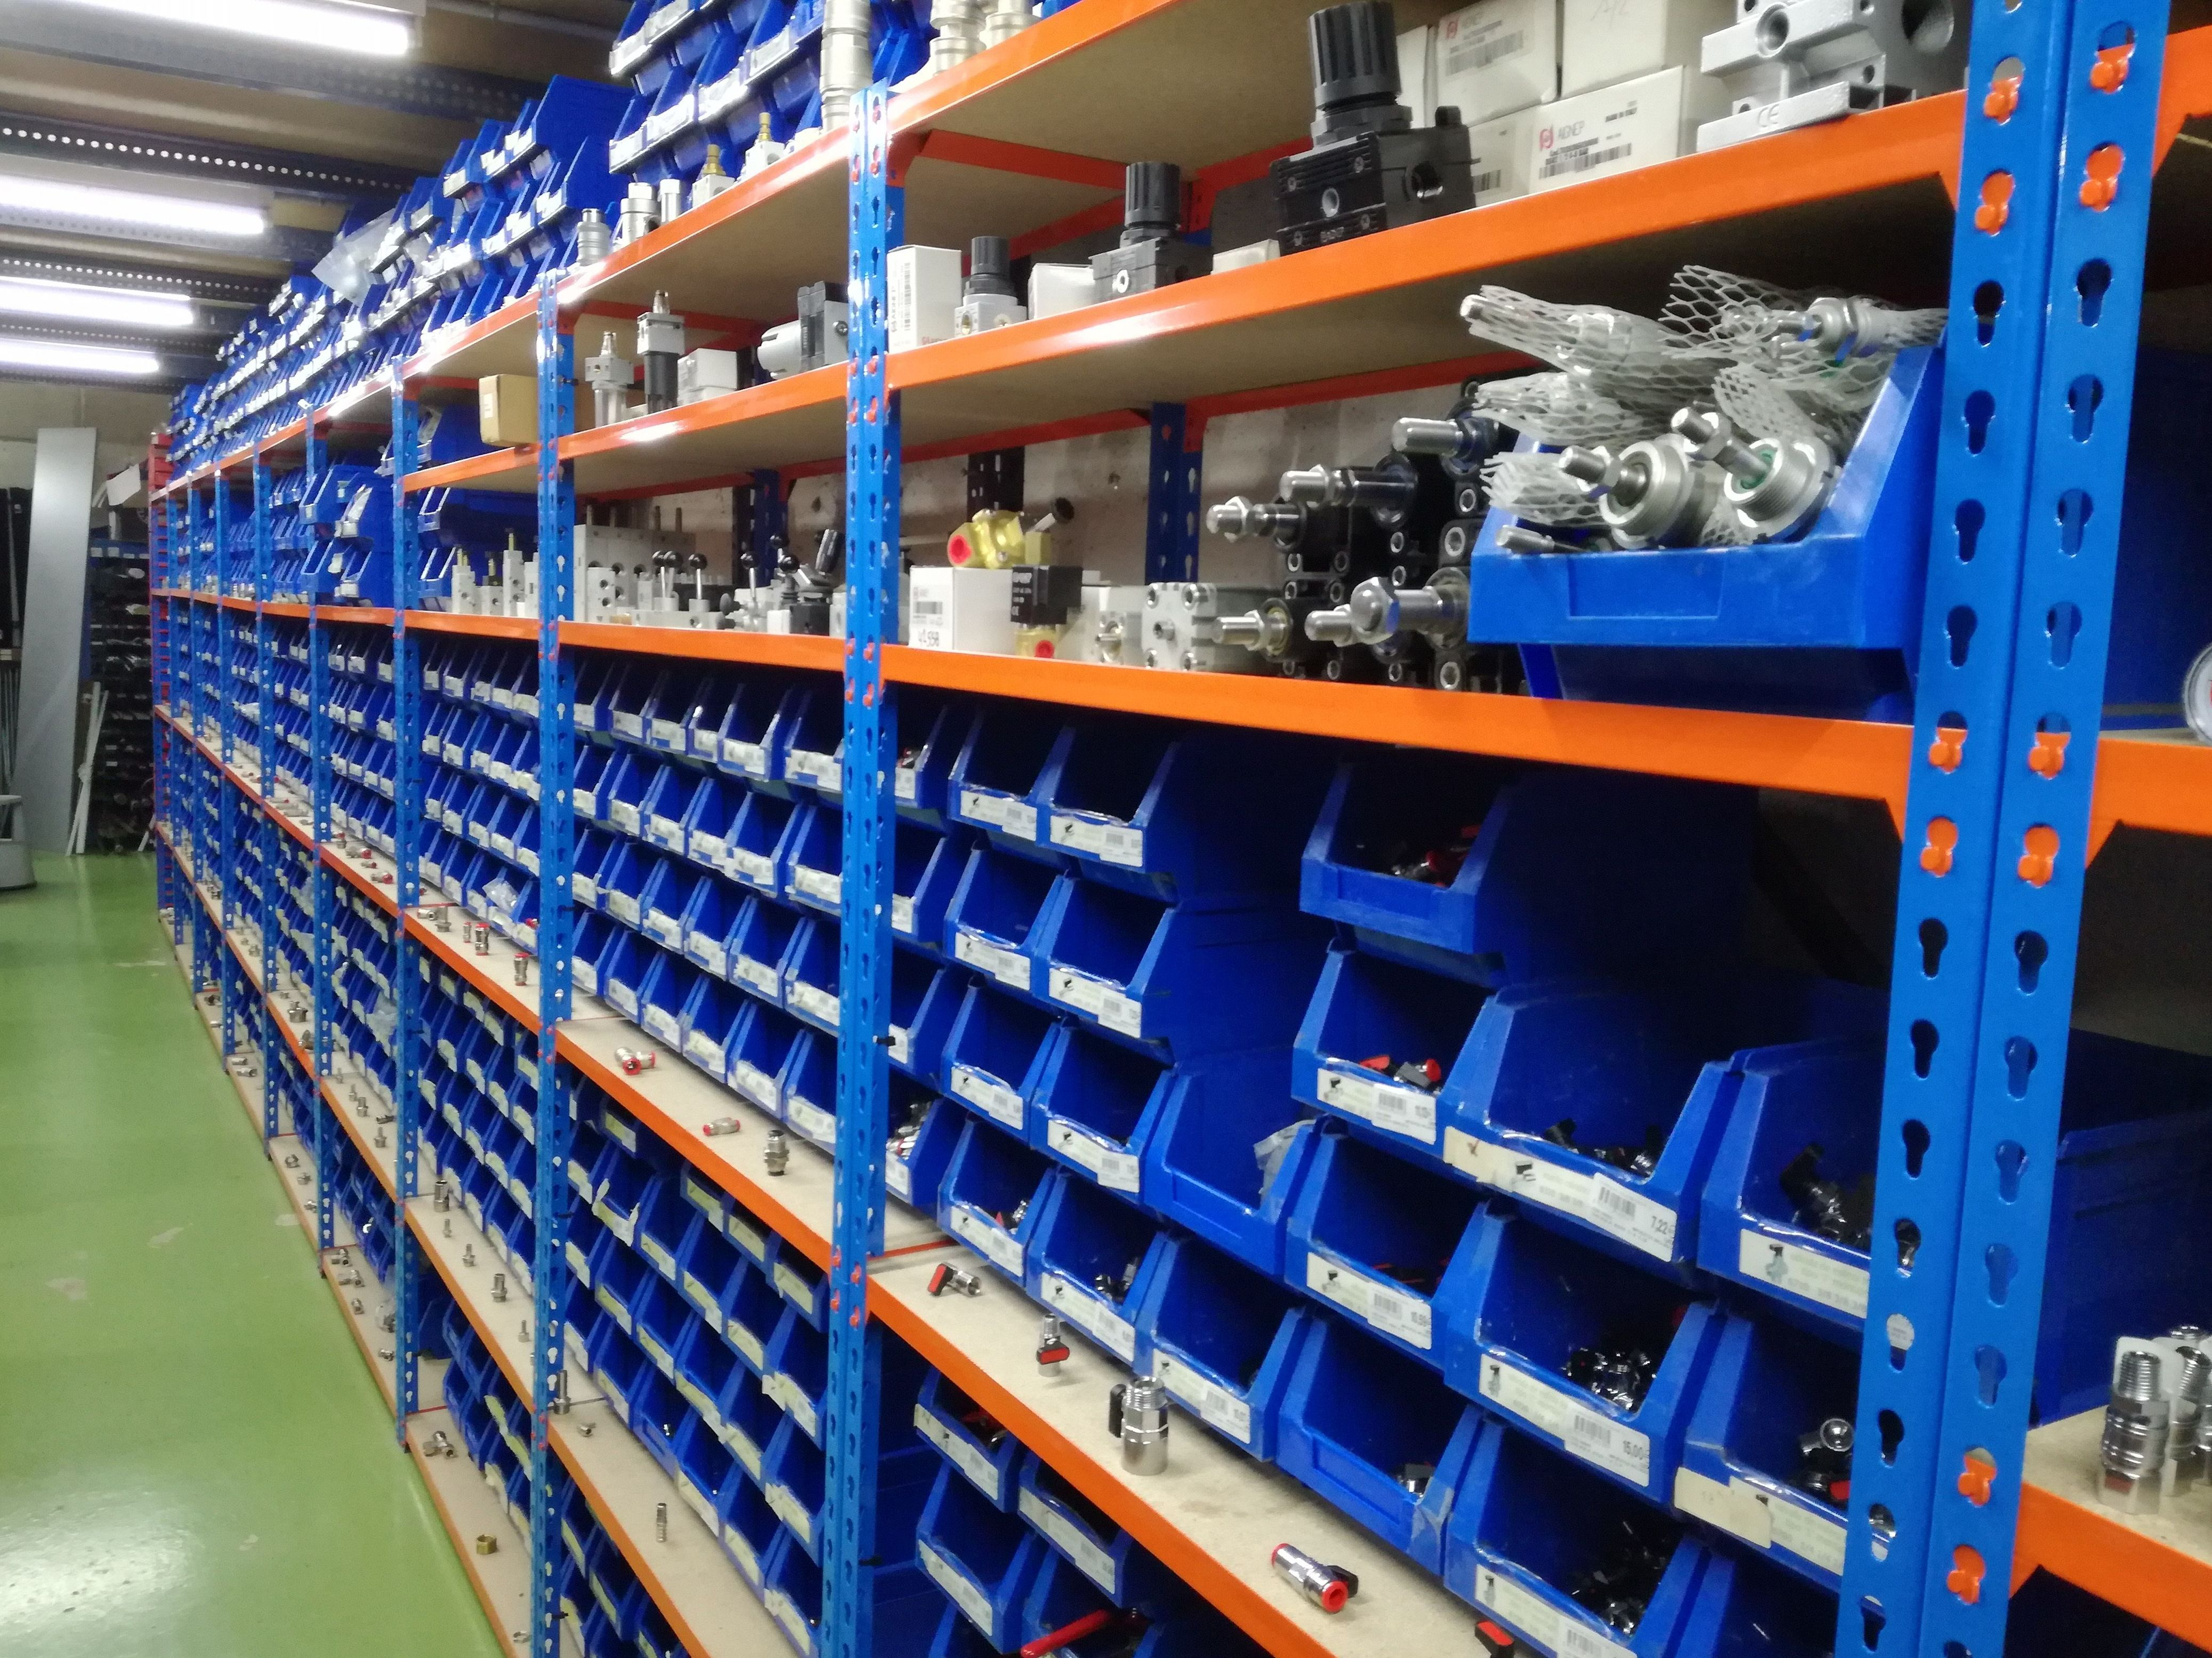 Foto 3 de Venta y distribución de suministros industriales en tolosa | Iturralde Industrigaiak, S.L.